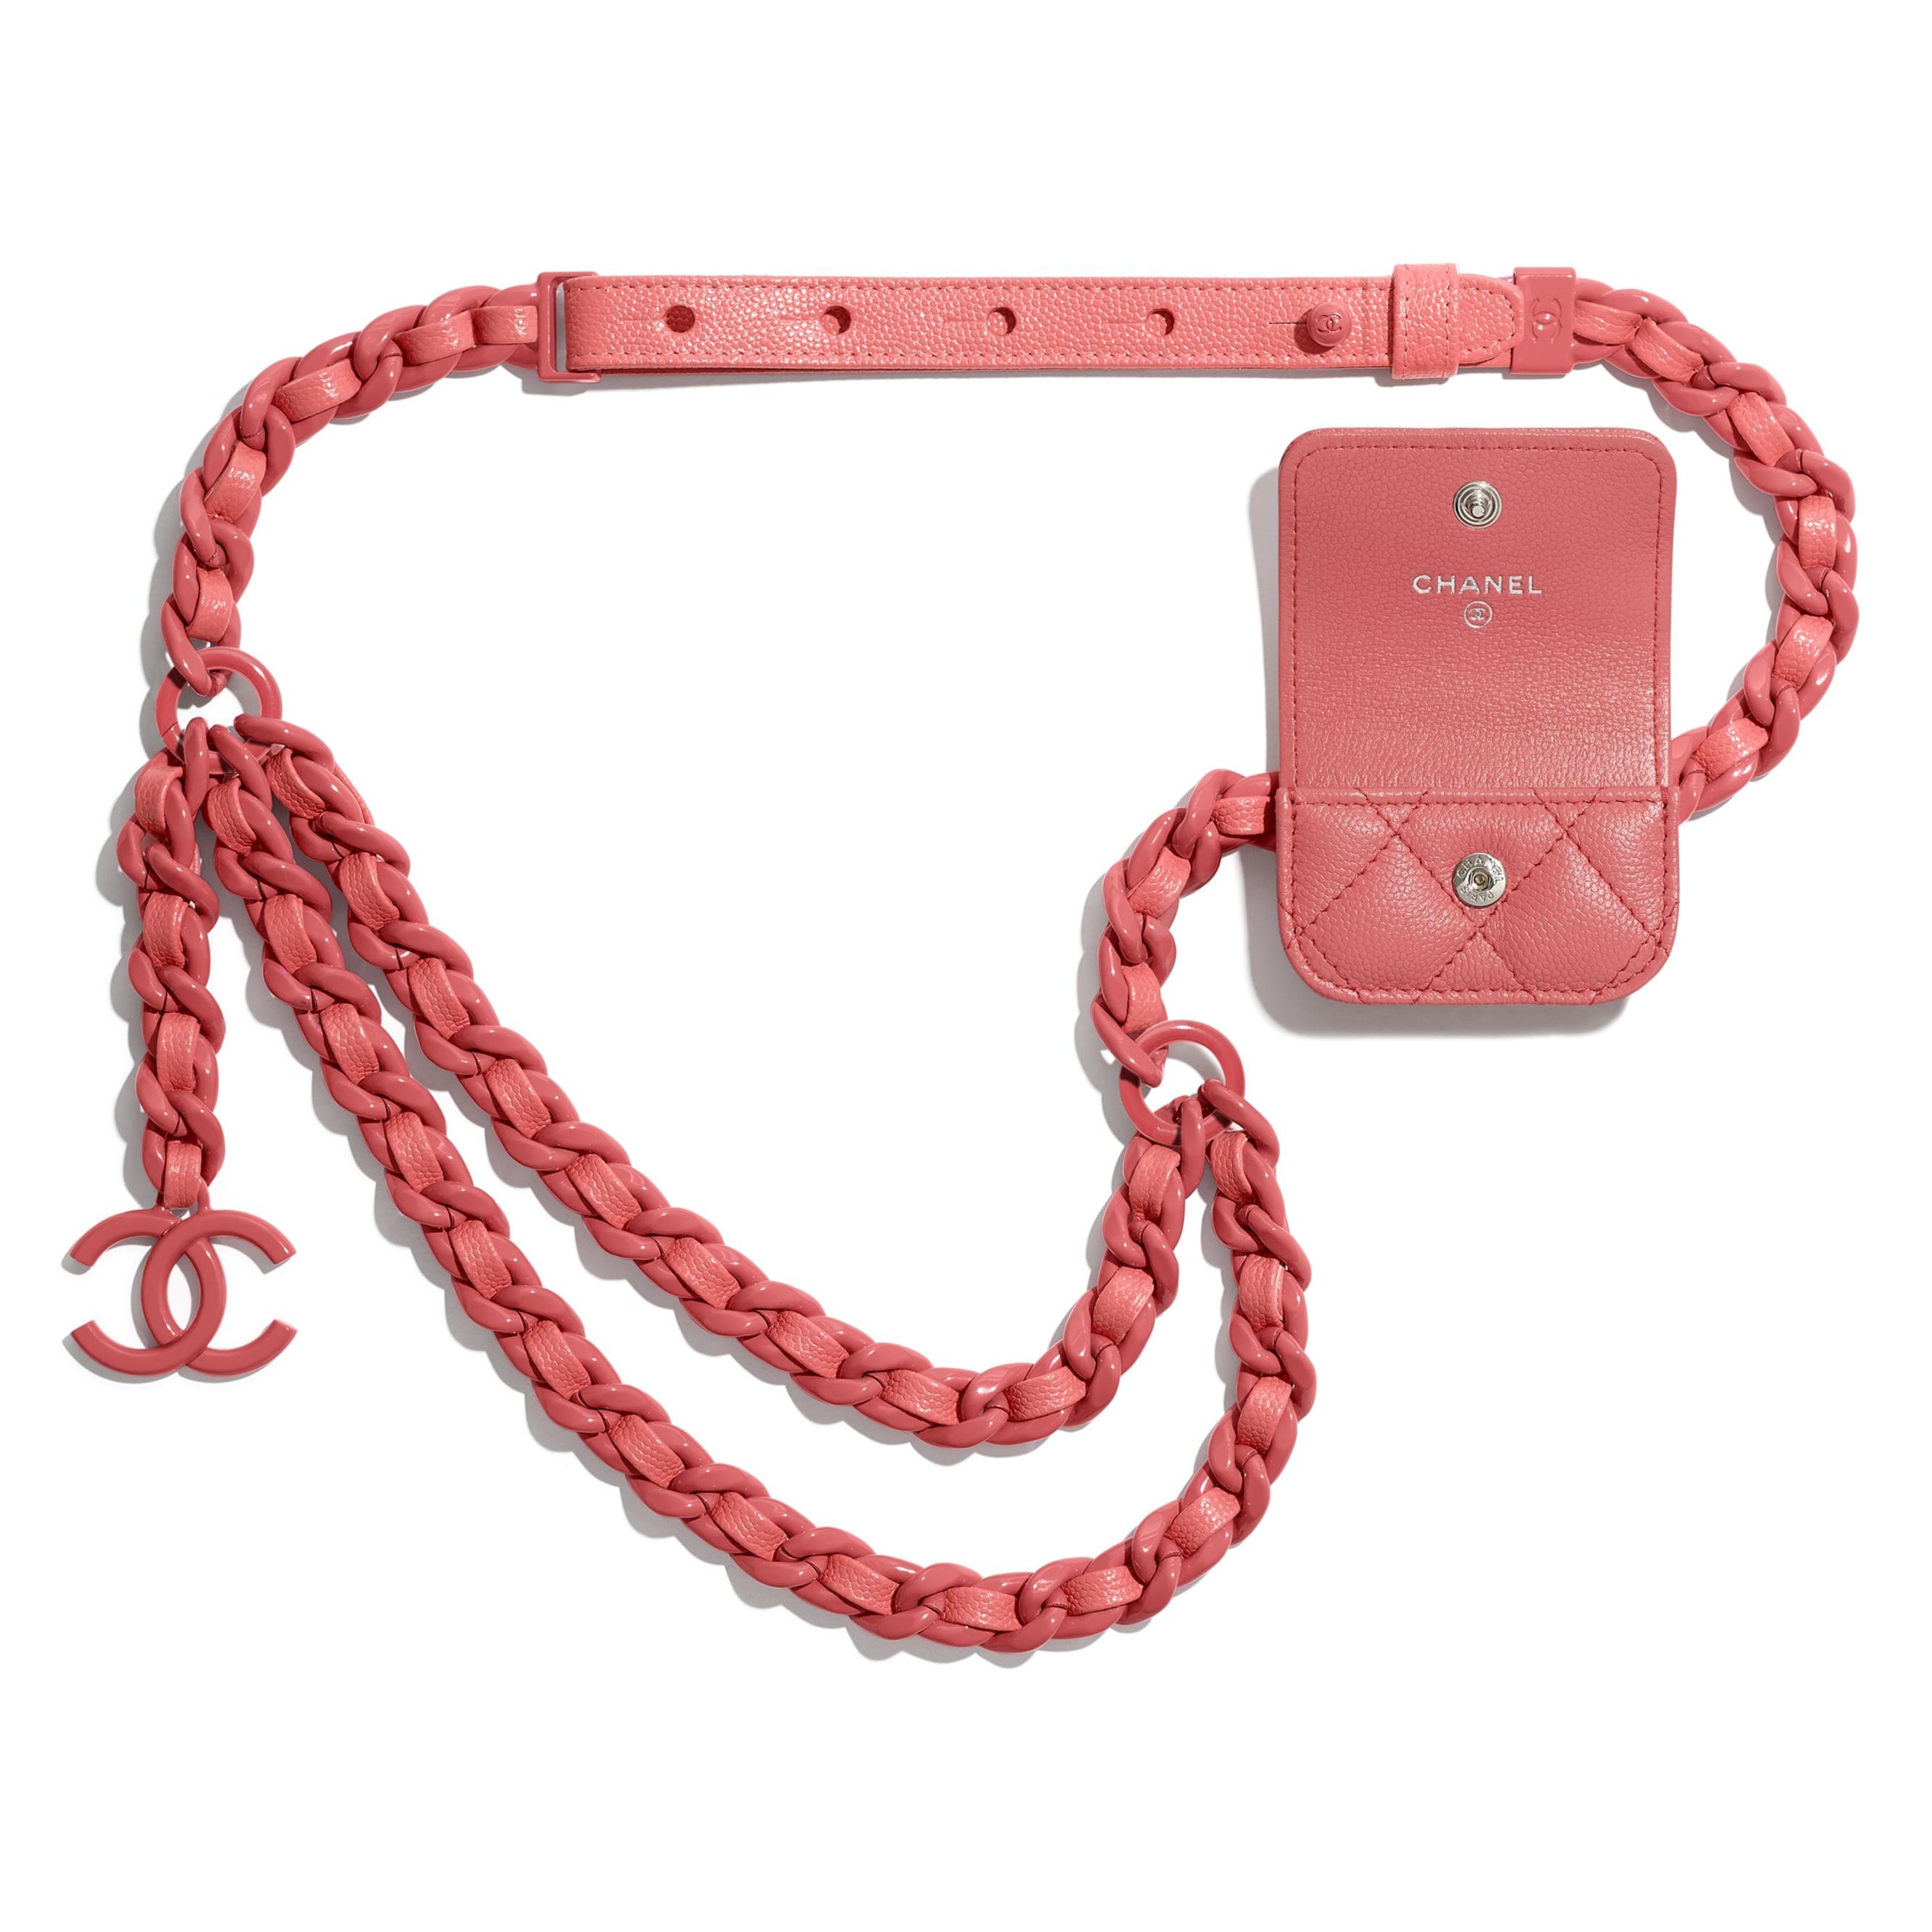 Porta AirPods Pro da cintura - Corallo - Pelle martellata & metallo smaltato - CHANEL - Immagine diversa - vedere versione standard